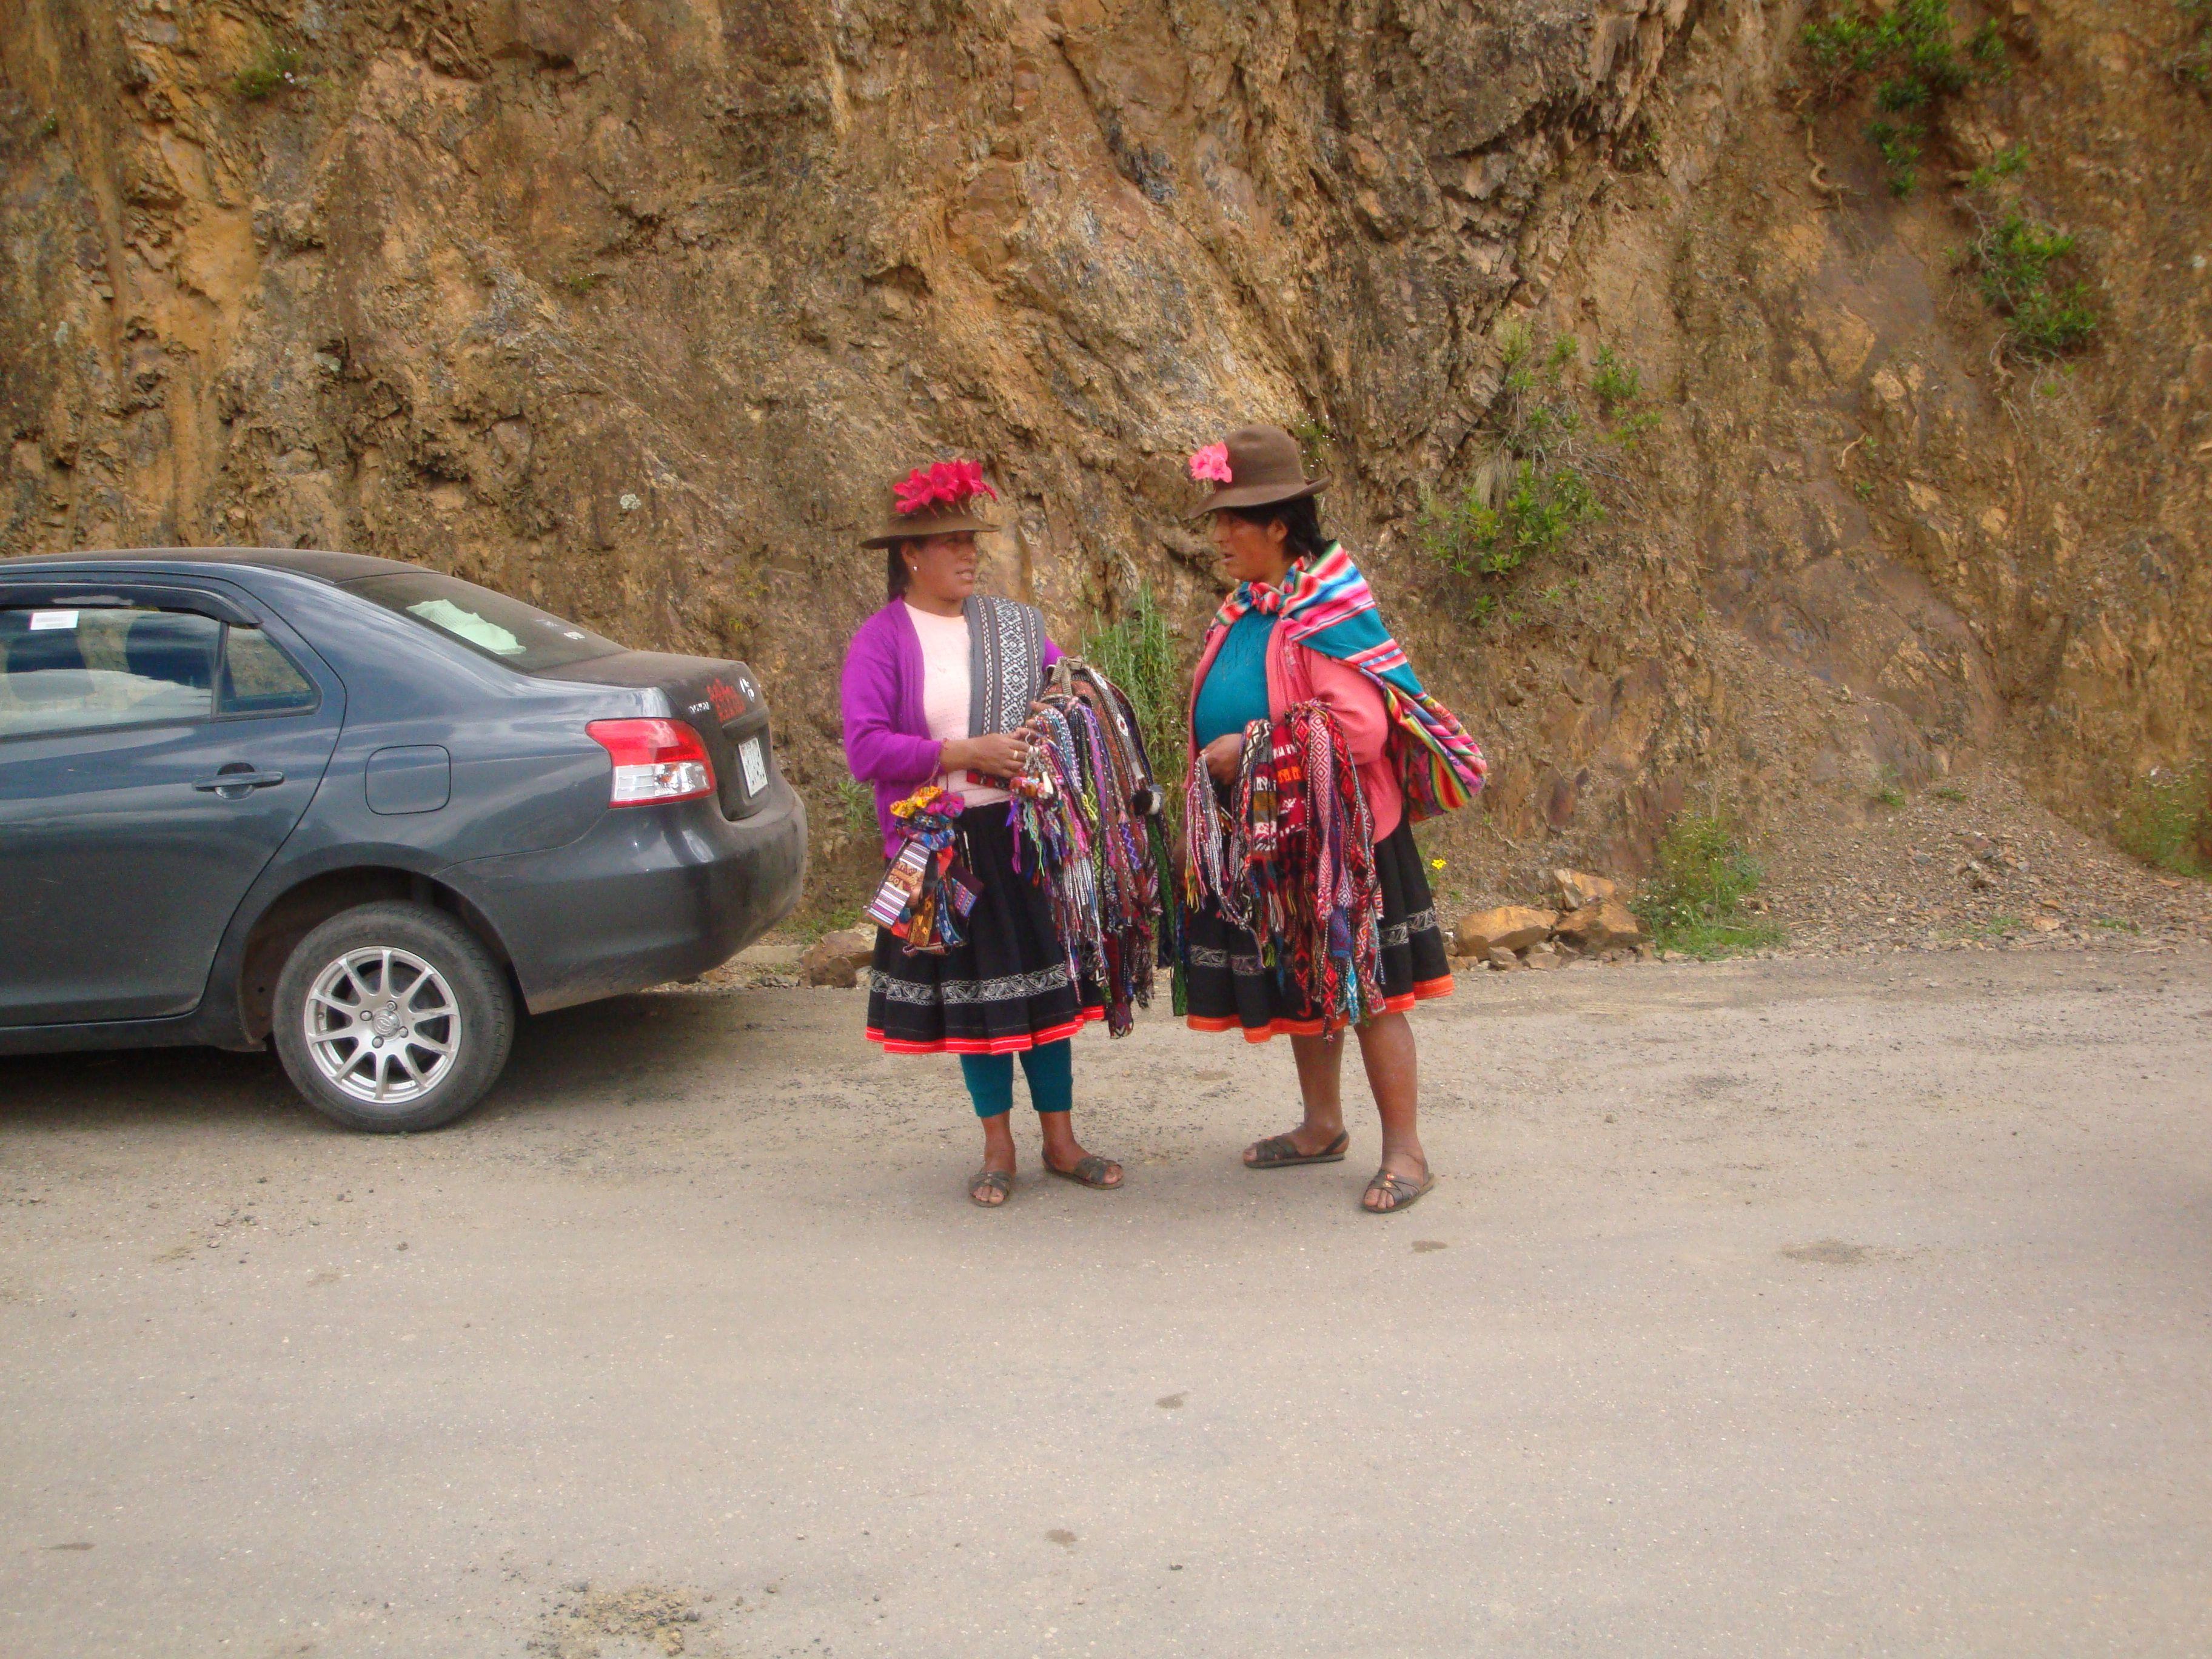 Peruanas esbanjam no colorido de suas vestes e no das bujingangas à venda. Peru-2